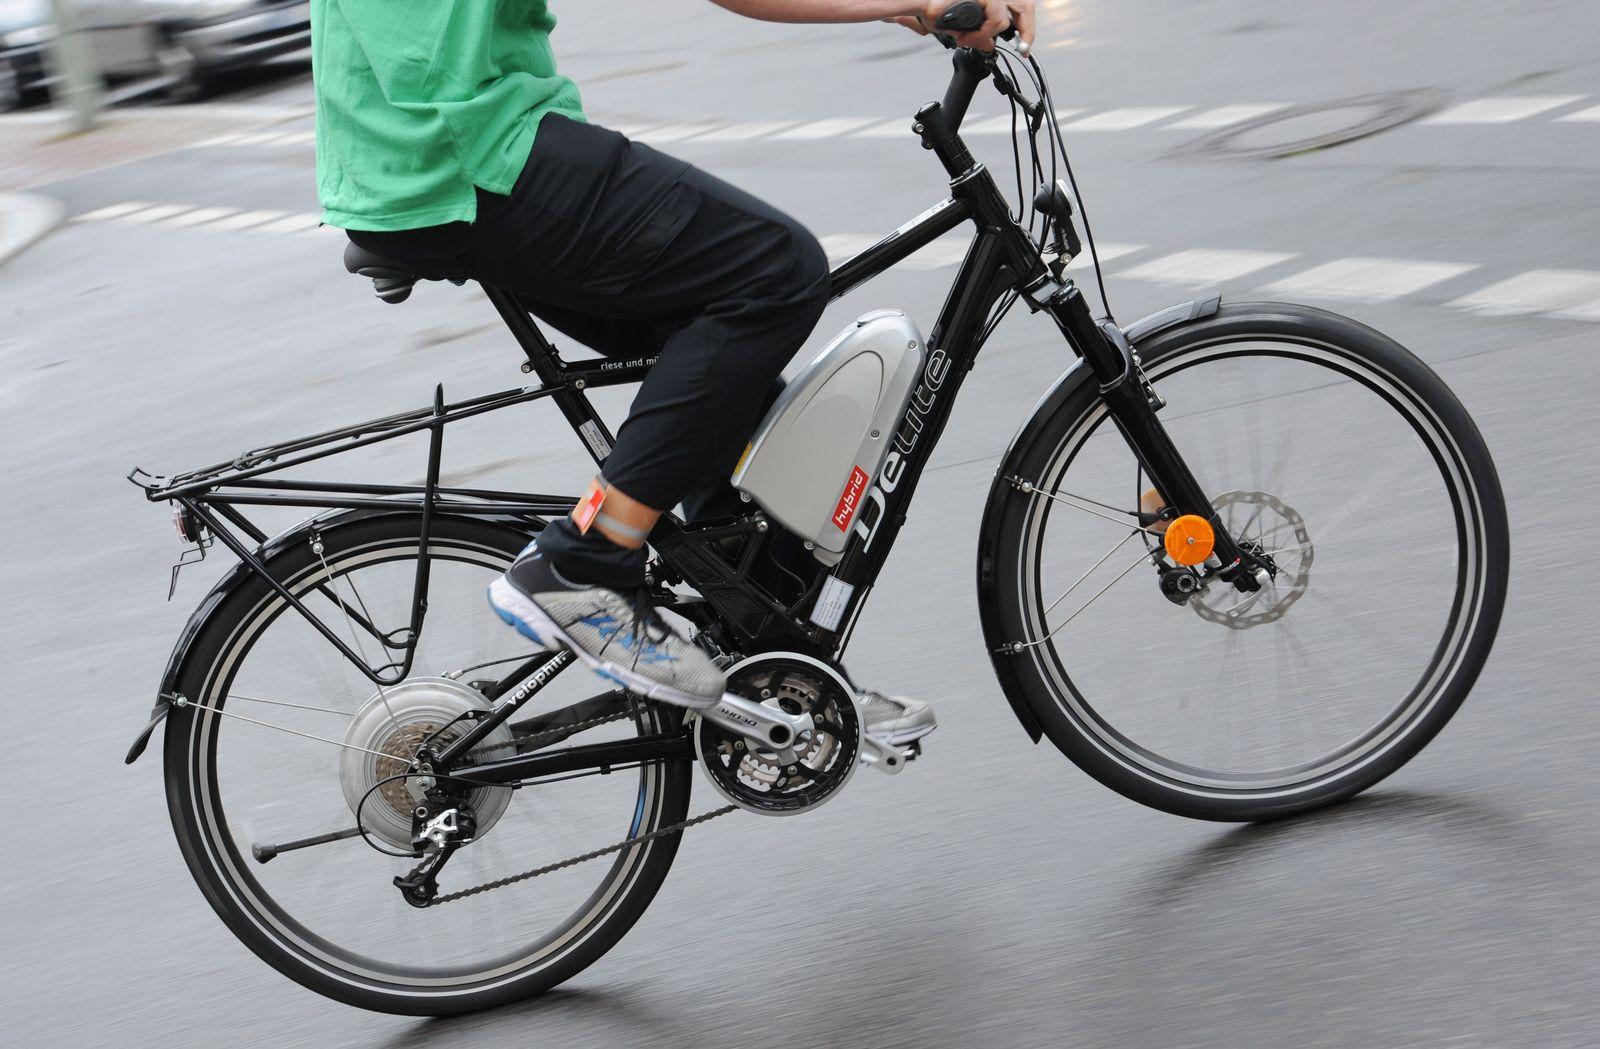 Fahrrad mit Elektroantrieb / E-Bike / Pedelec